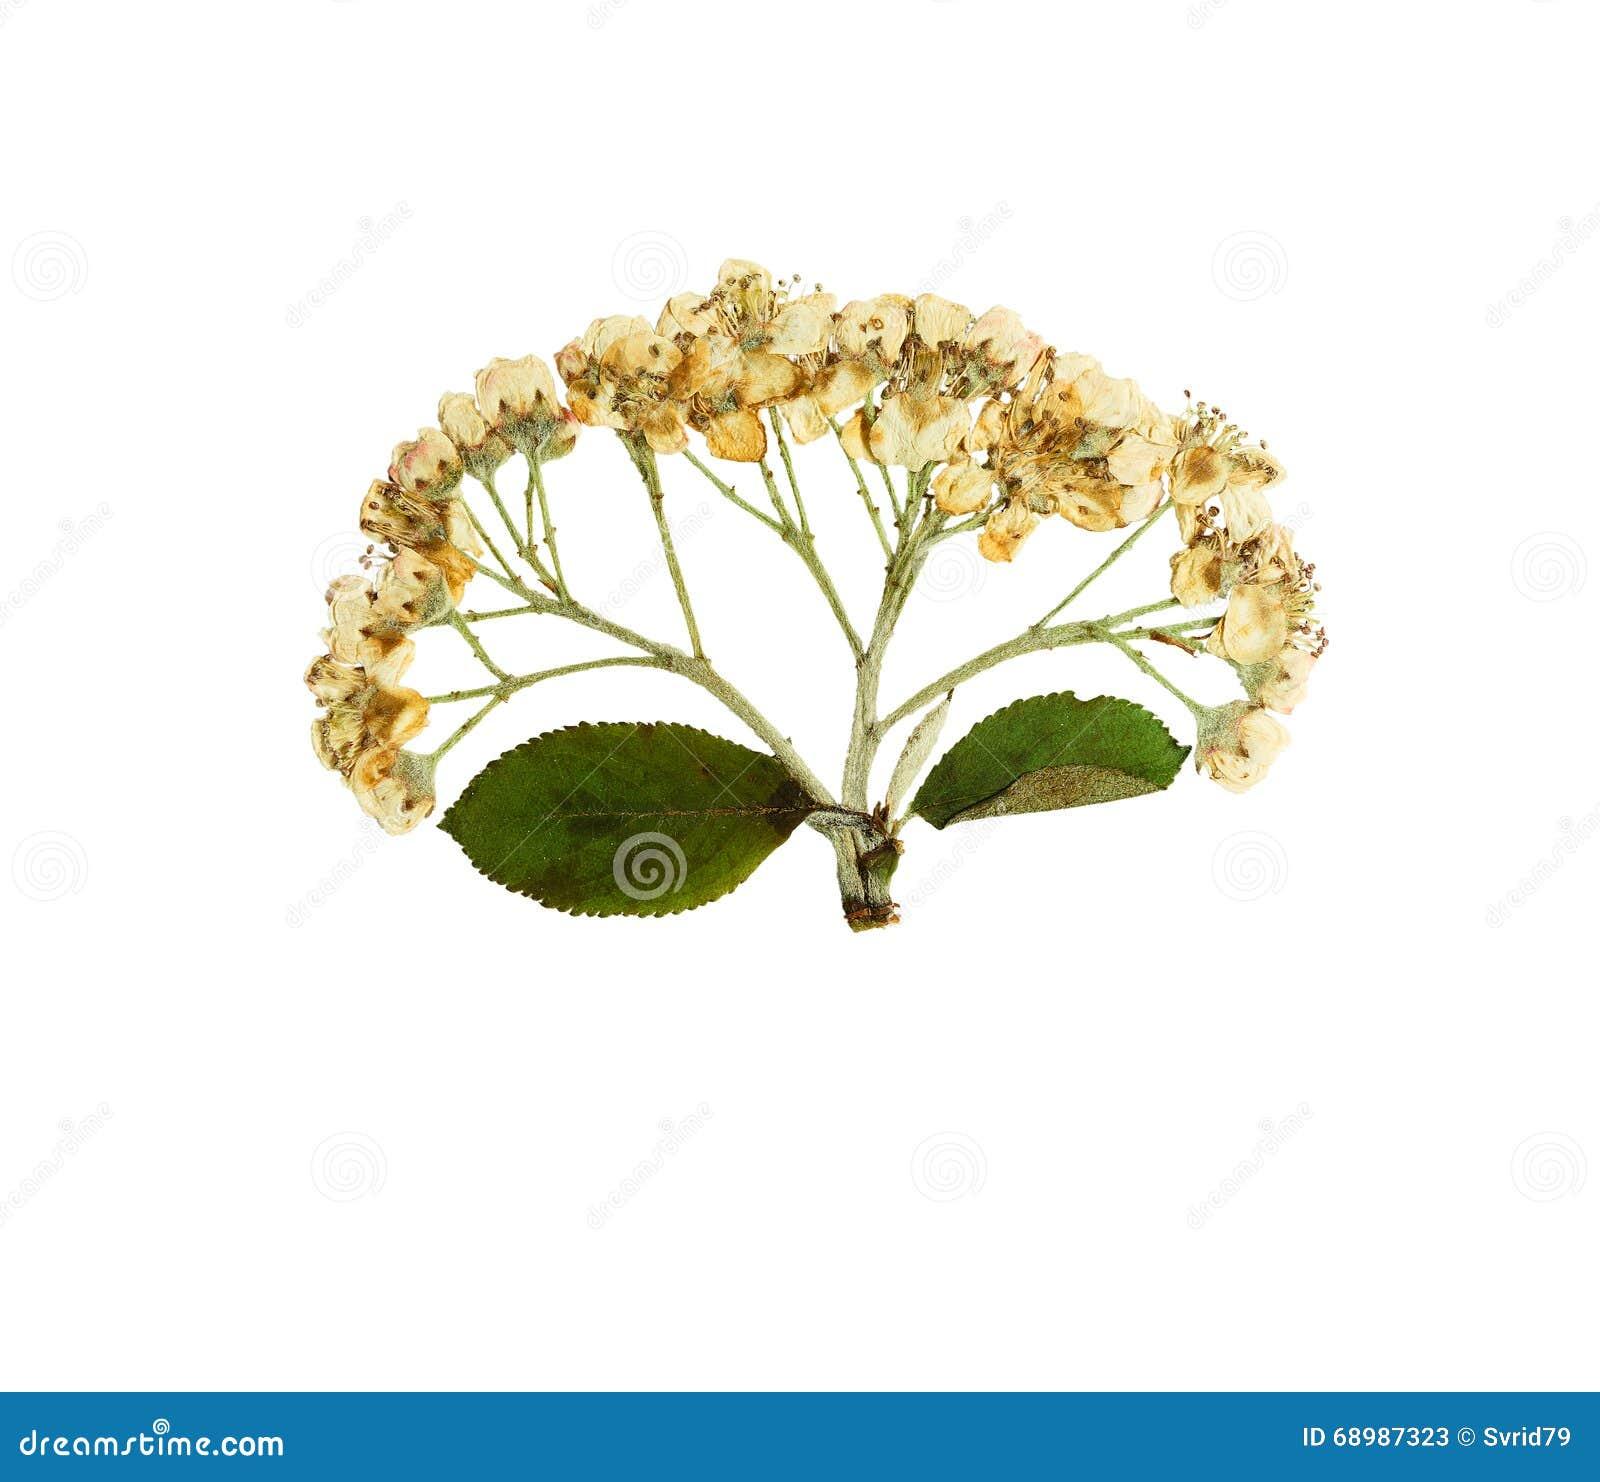 Aria del sorbus de la flor o rotundifolia presionada y secada del serbal